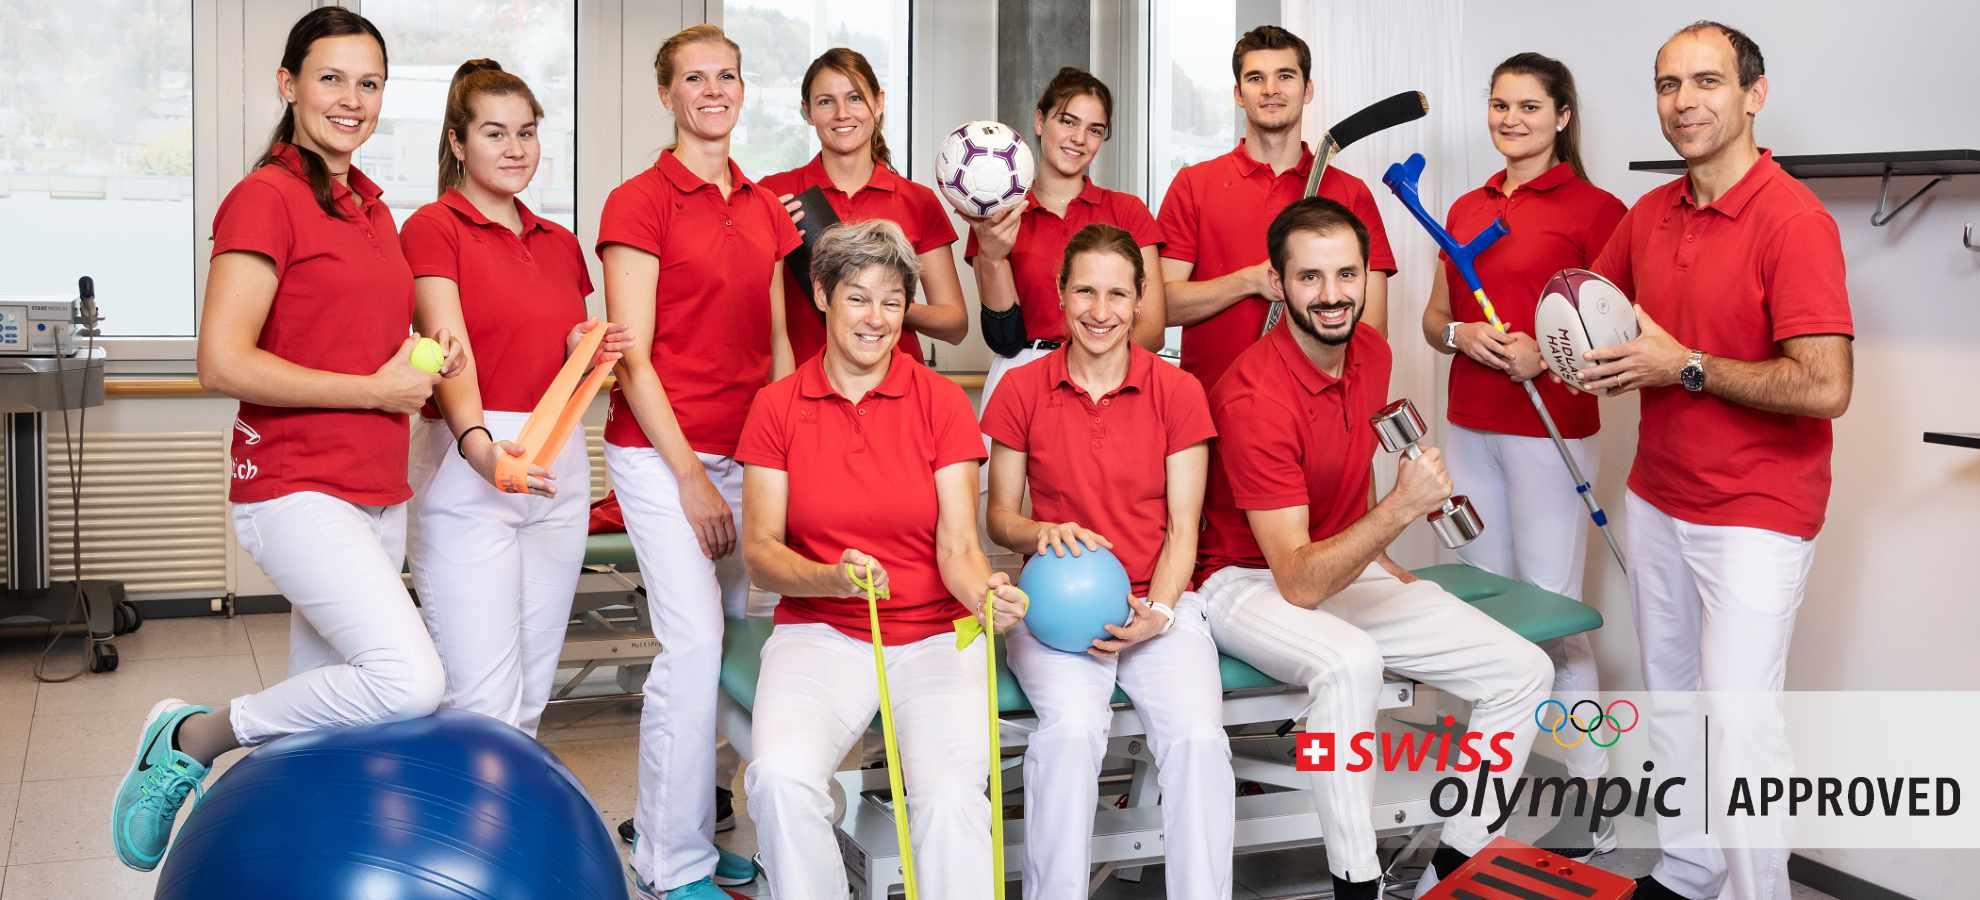 smzbi Sportmedizinisches Zentrum Team Foto Sportmedizin in Bern